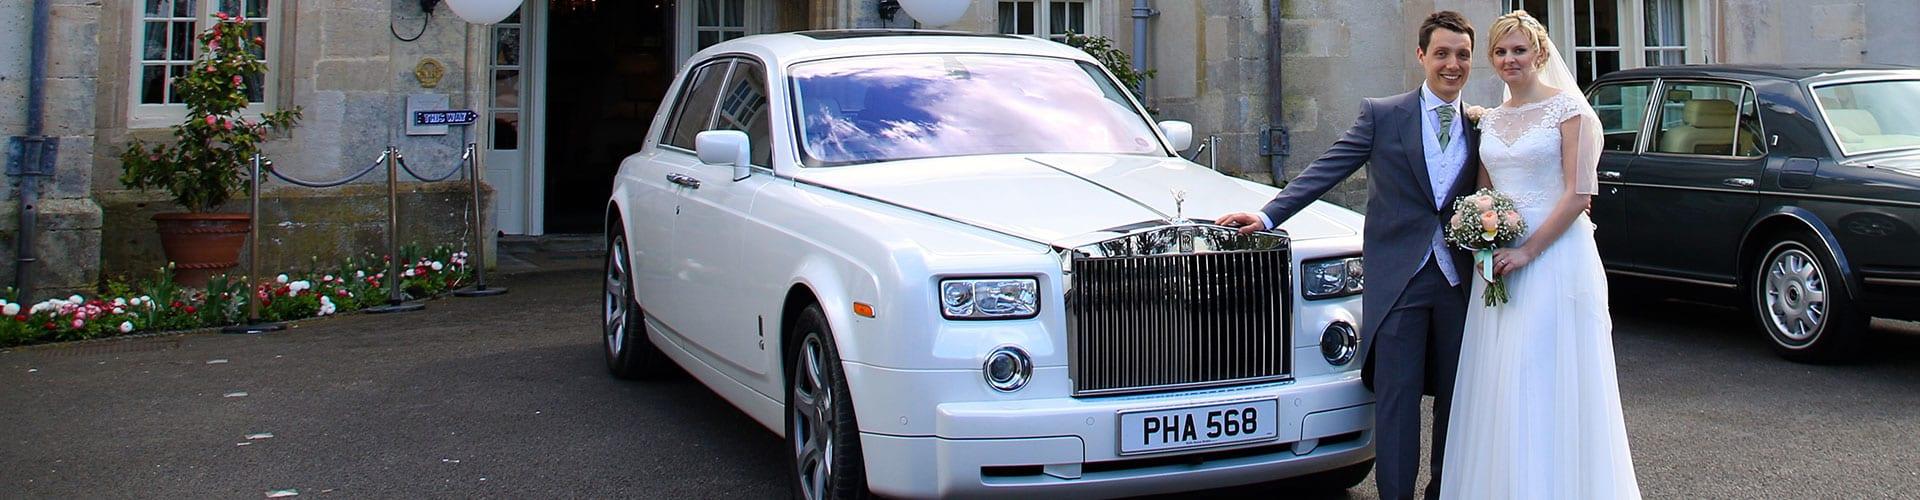 Rolls-Royce-Phantom-Hero-Slider-6